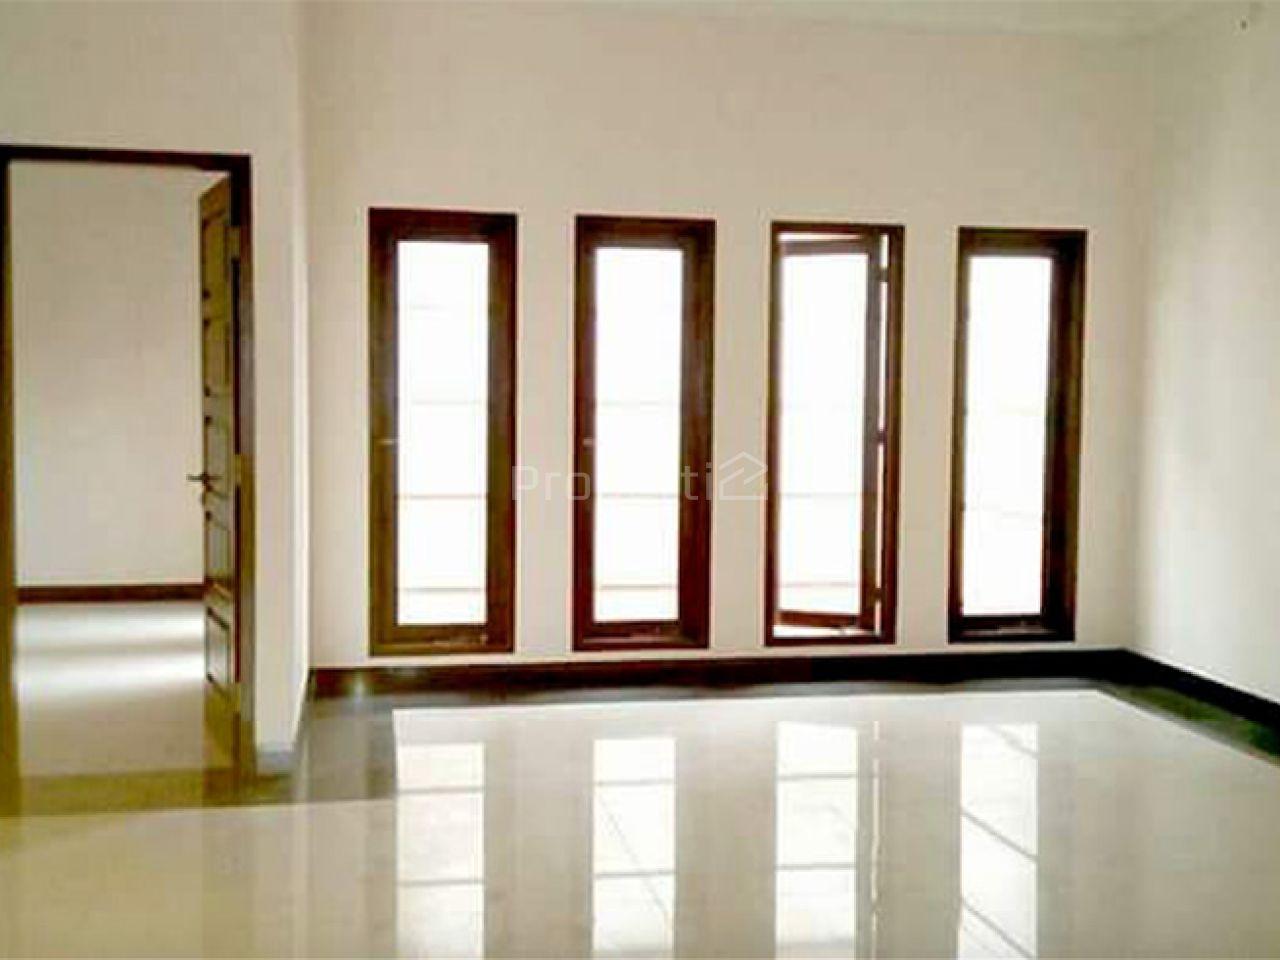 Rumah Baru 2 Lantai, Strategis di Sekitar SCBD, Jakarta Selatan